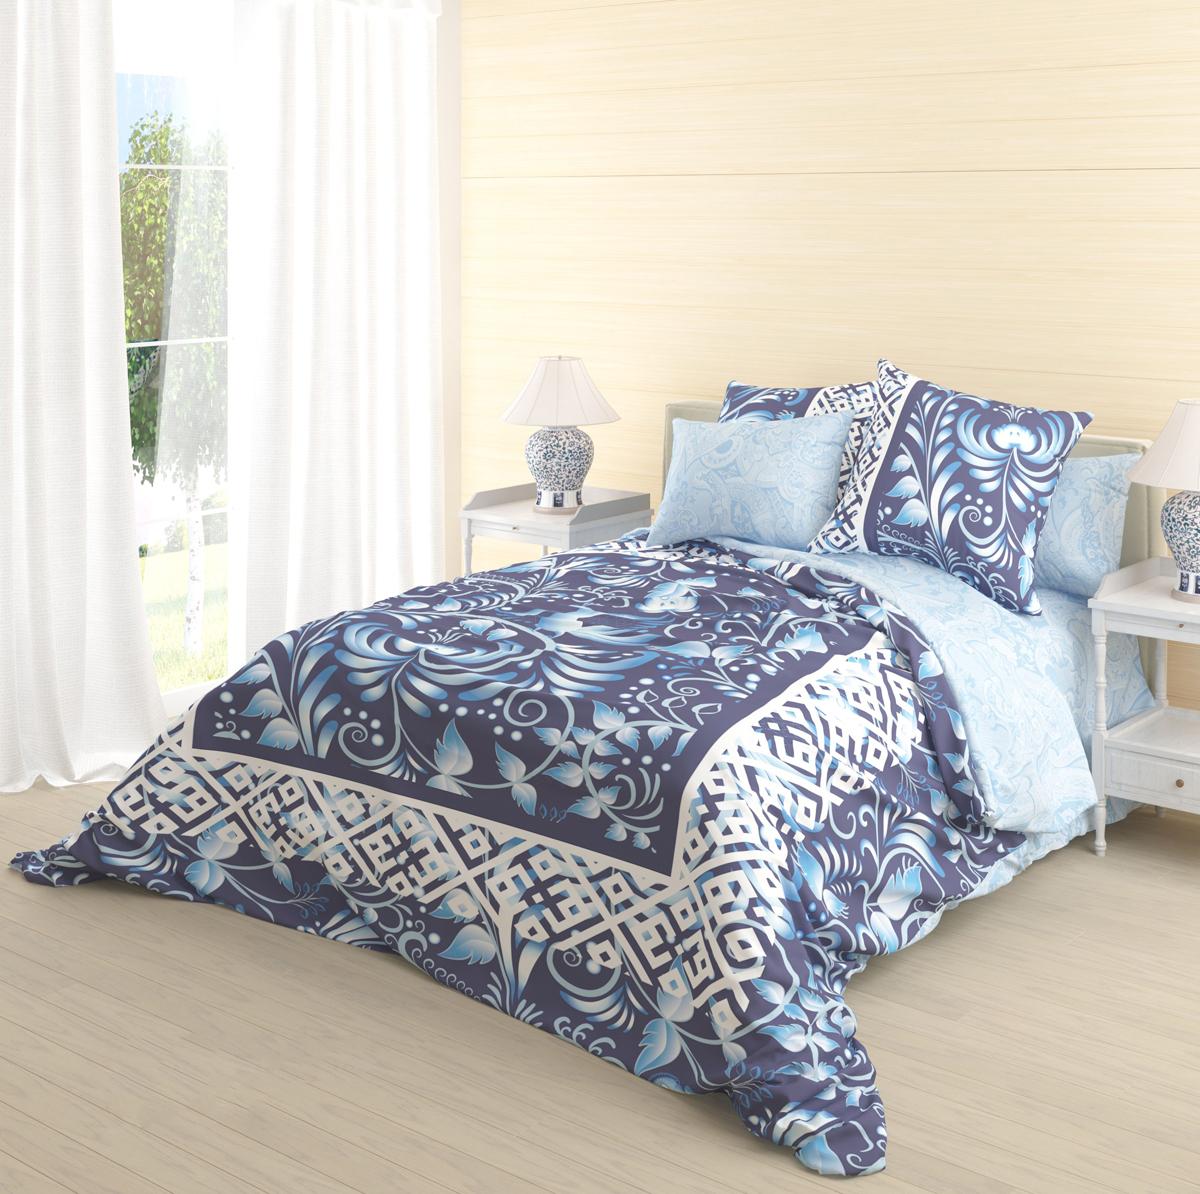 Комплект белья Волшебная ночь Legenda, 2-спальный, наволочки 50х70 см718644